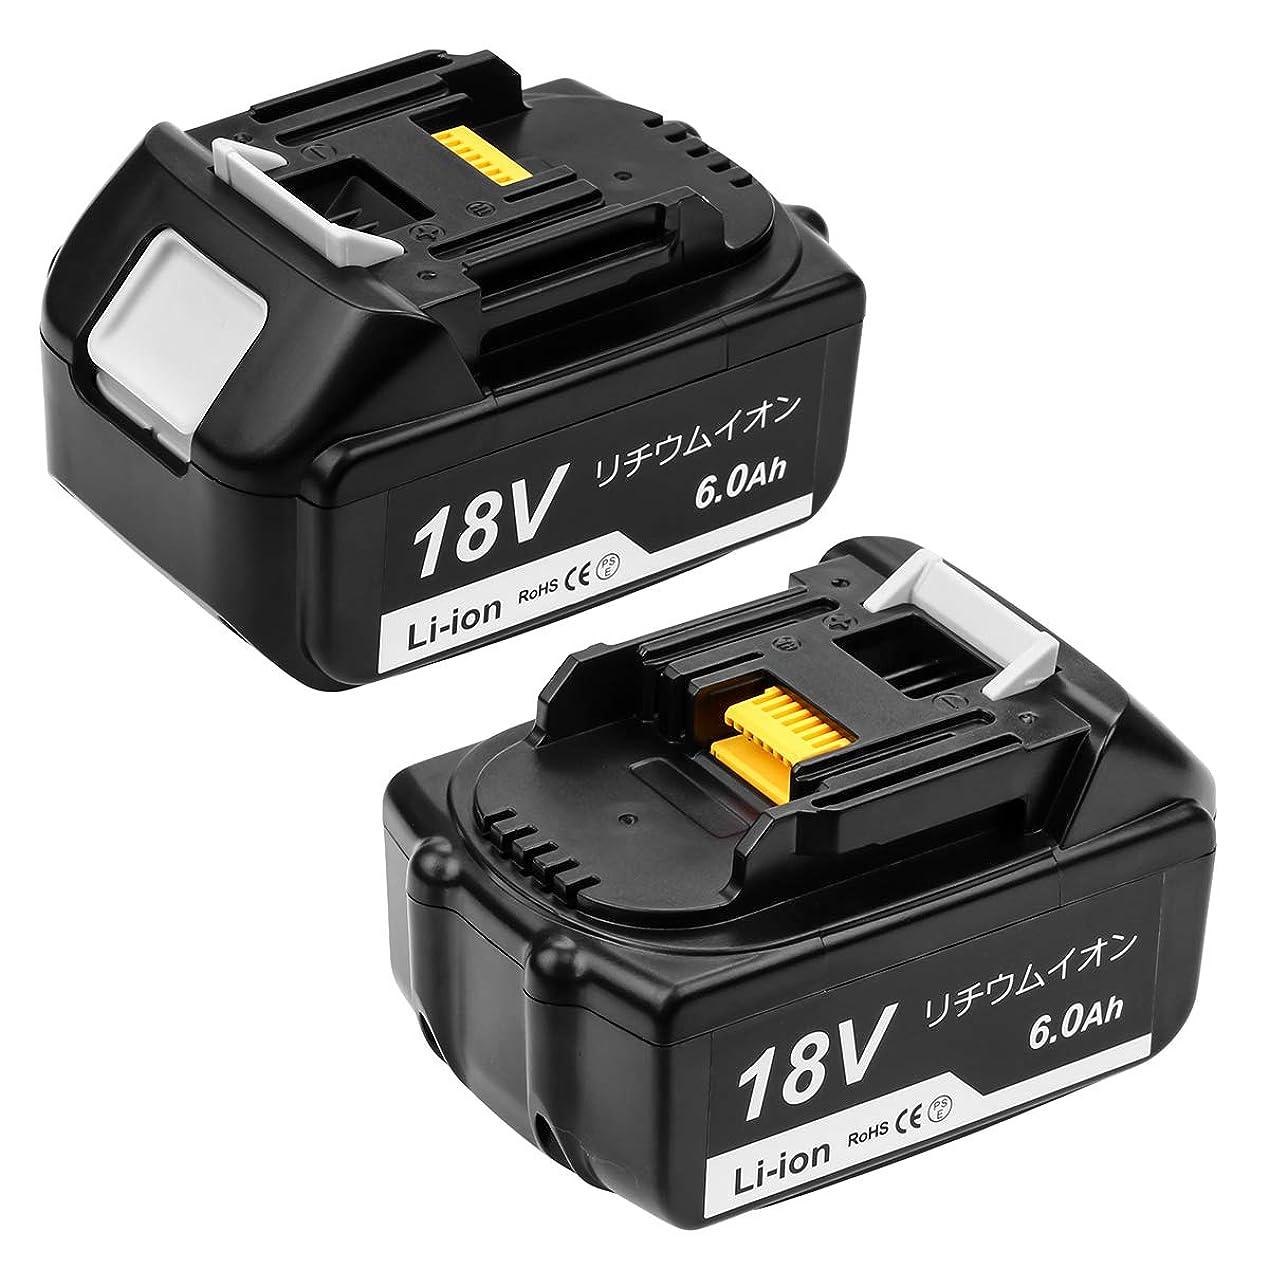 前に和解する盲信マキタ 18v バッテリー18v 6.0ah マキタ バッテリー 18v BL1860 互換 バッテリー 18v互換バッテリー 18v マキタ バッテリー【2個セット】 BL1830 / BL1840 / BL1850 / BL1860B 純正互換品対応 電動工具専用 18v 6.0Ahバッテリー 大容量 一年保証 DOSCTT